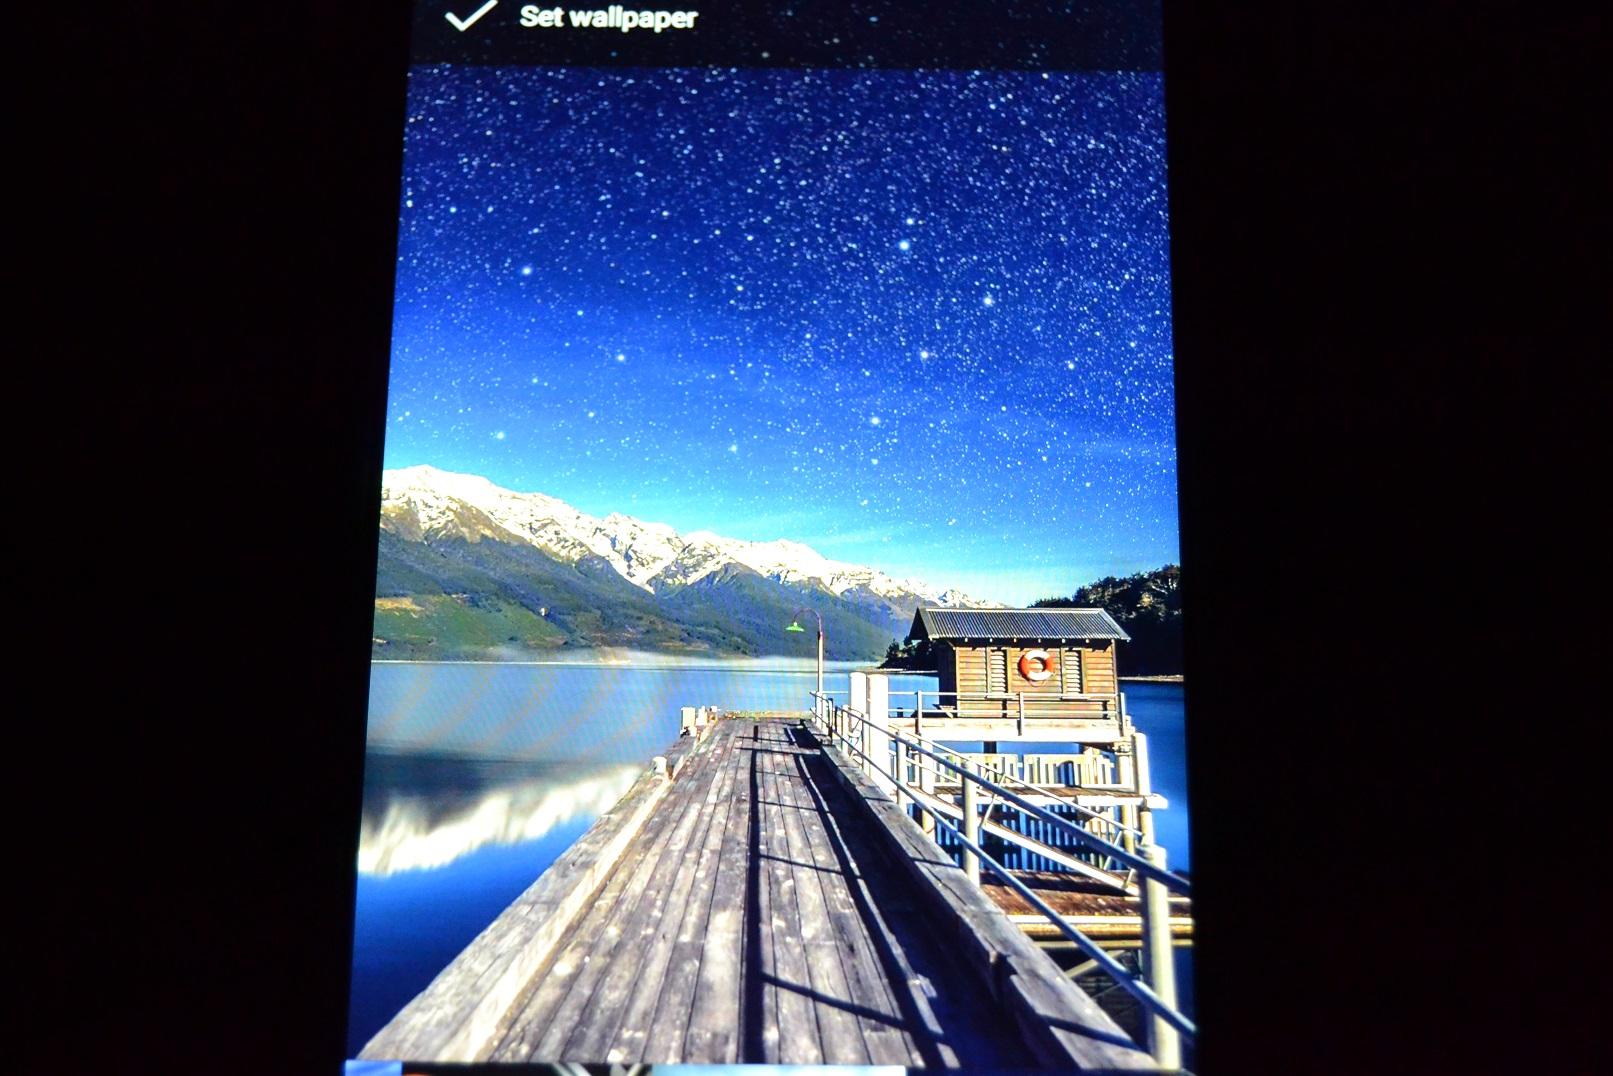 DSC_0461 REVIEW display UMi Touch si comparat cu UMi Super, tot partea de display